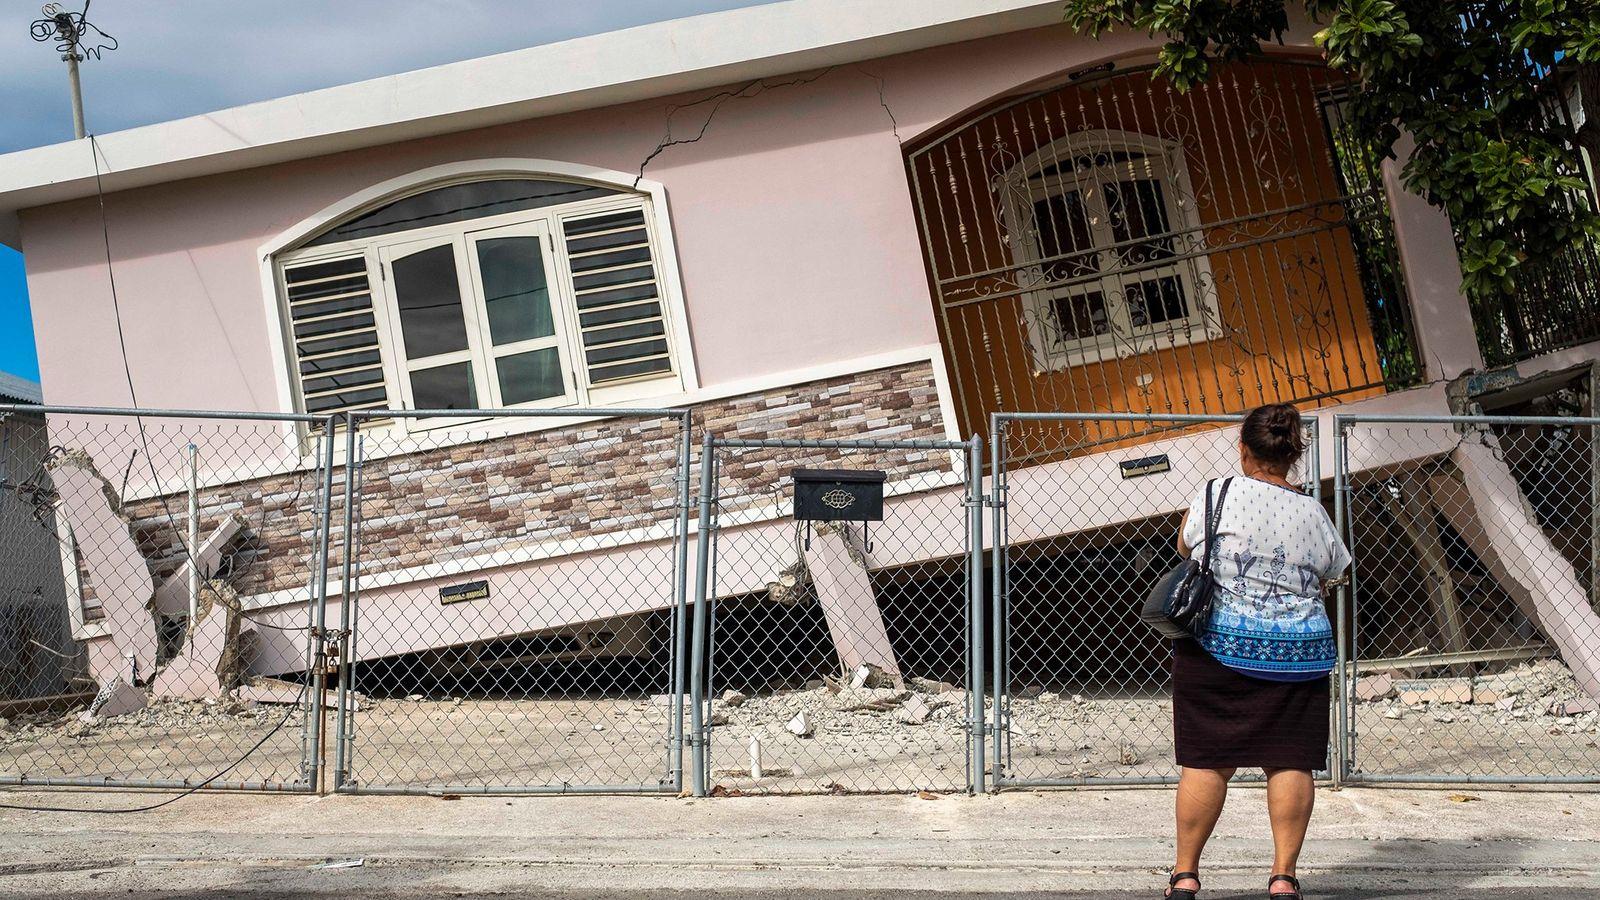 El 6 de enero, un terremoto de magnitud 5,8 sacudió Puerto Rico, dañando estructuras como la ...